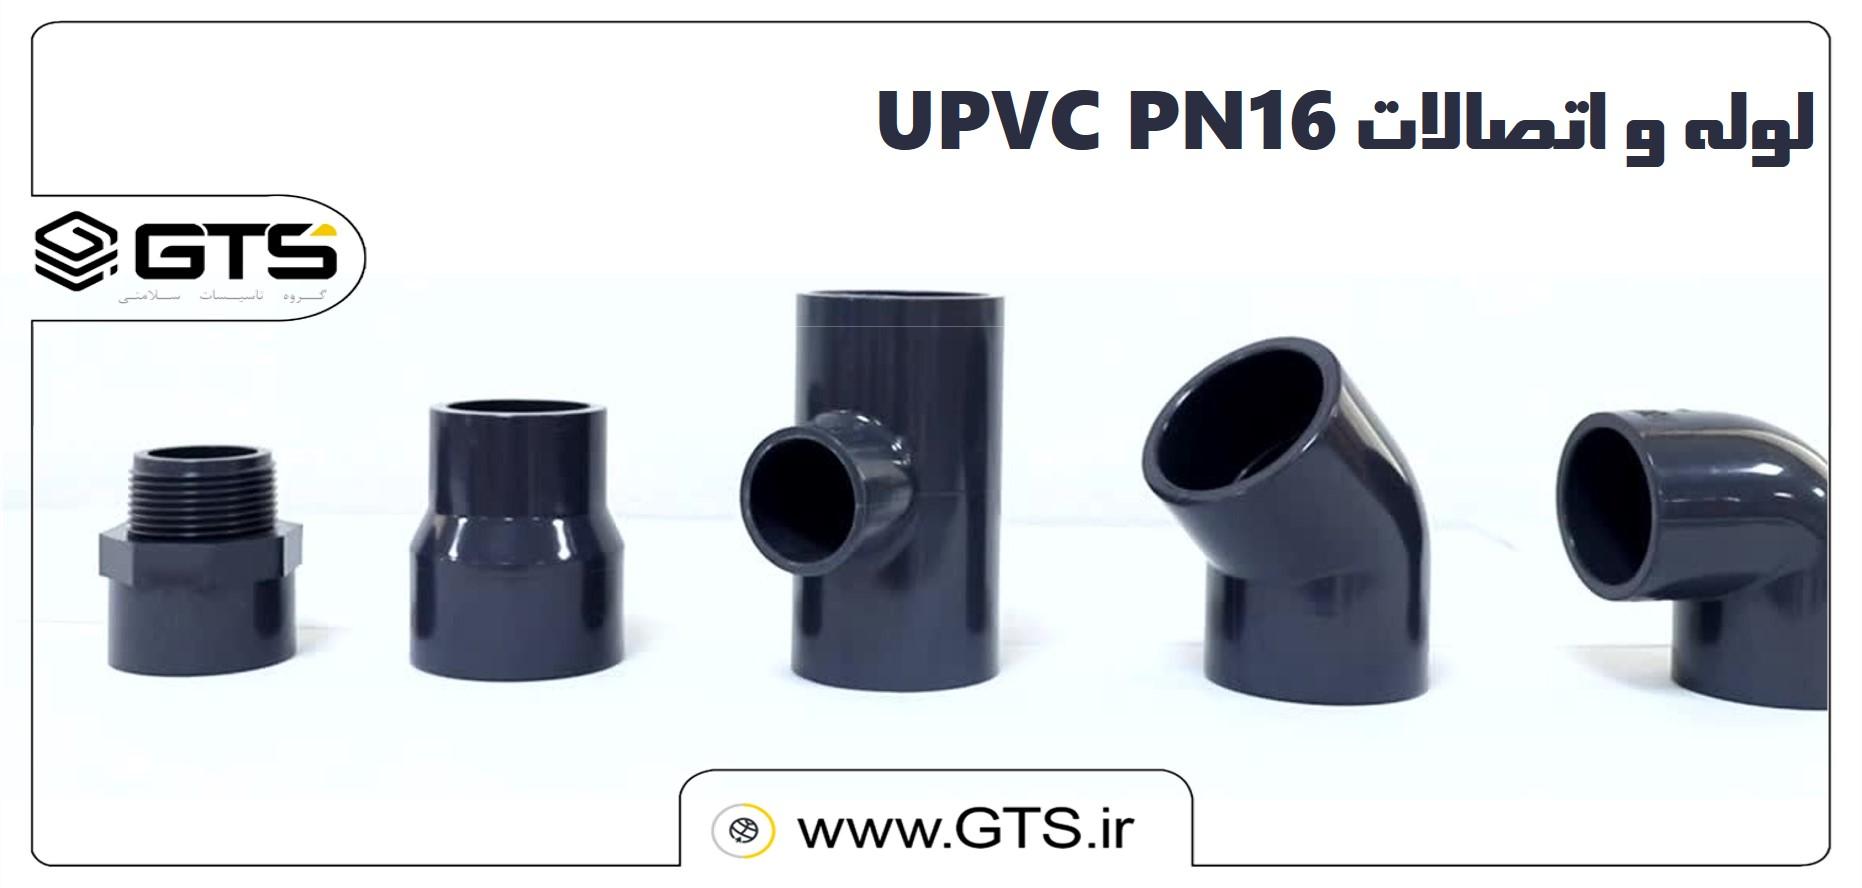 لوله و اتصالات UPVC PN16